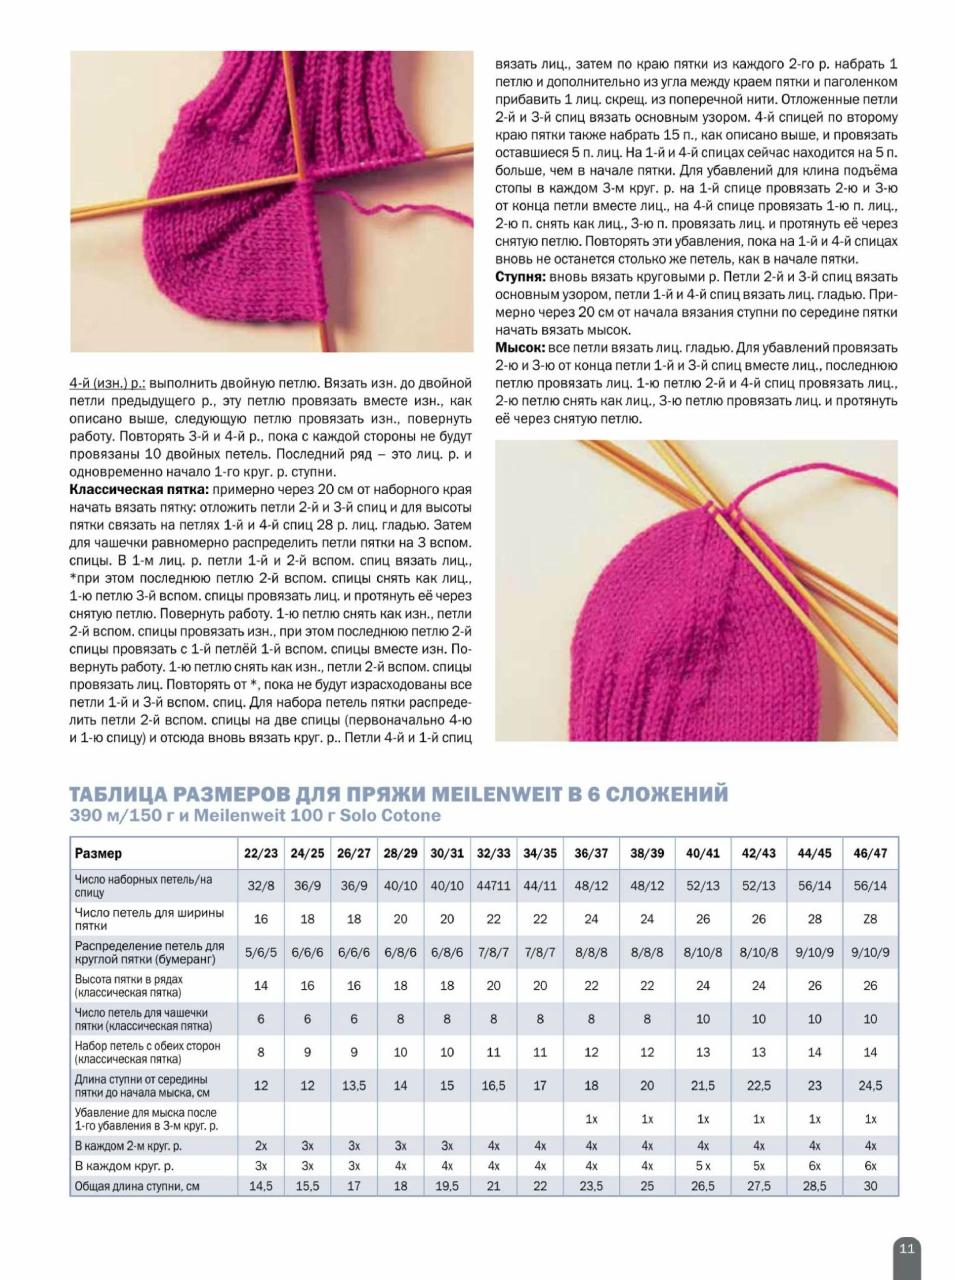 Как вязать на спицах пятку носка: схема и поэтапное описание с 54